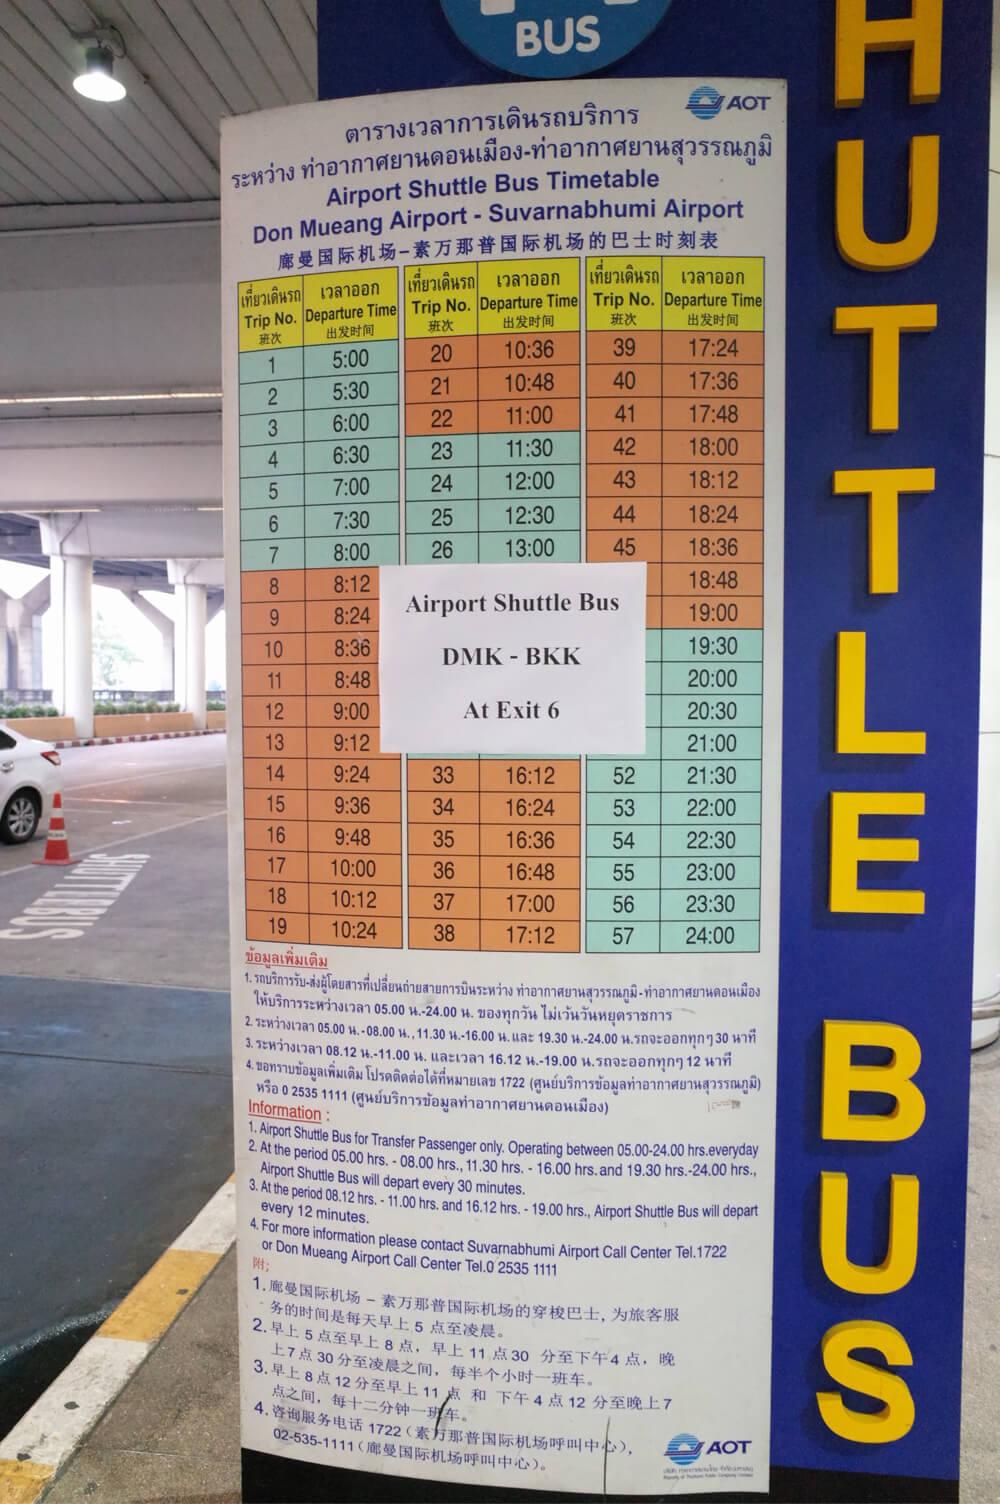 ドンムアン空港 シャトルバス